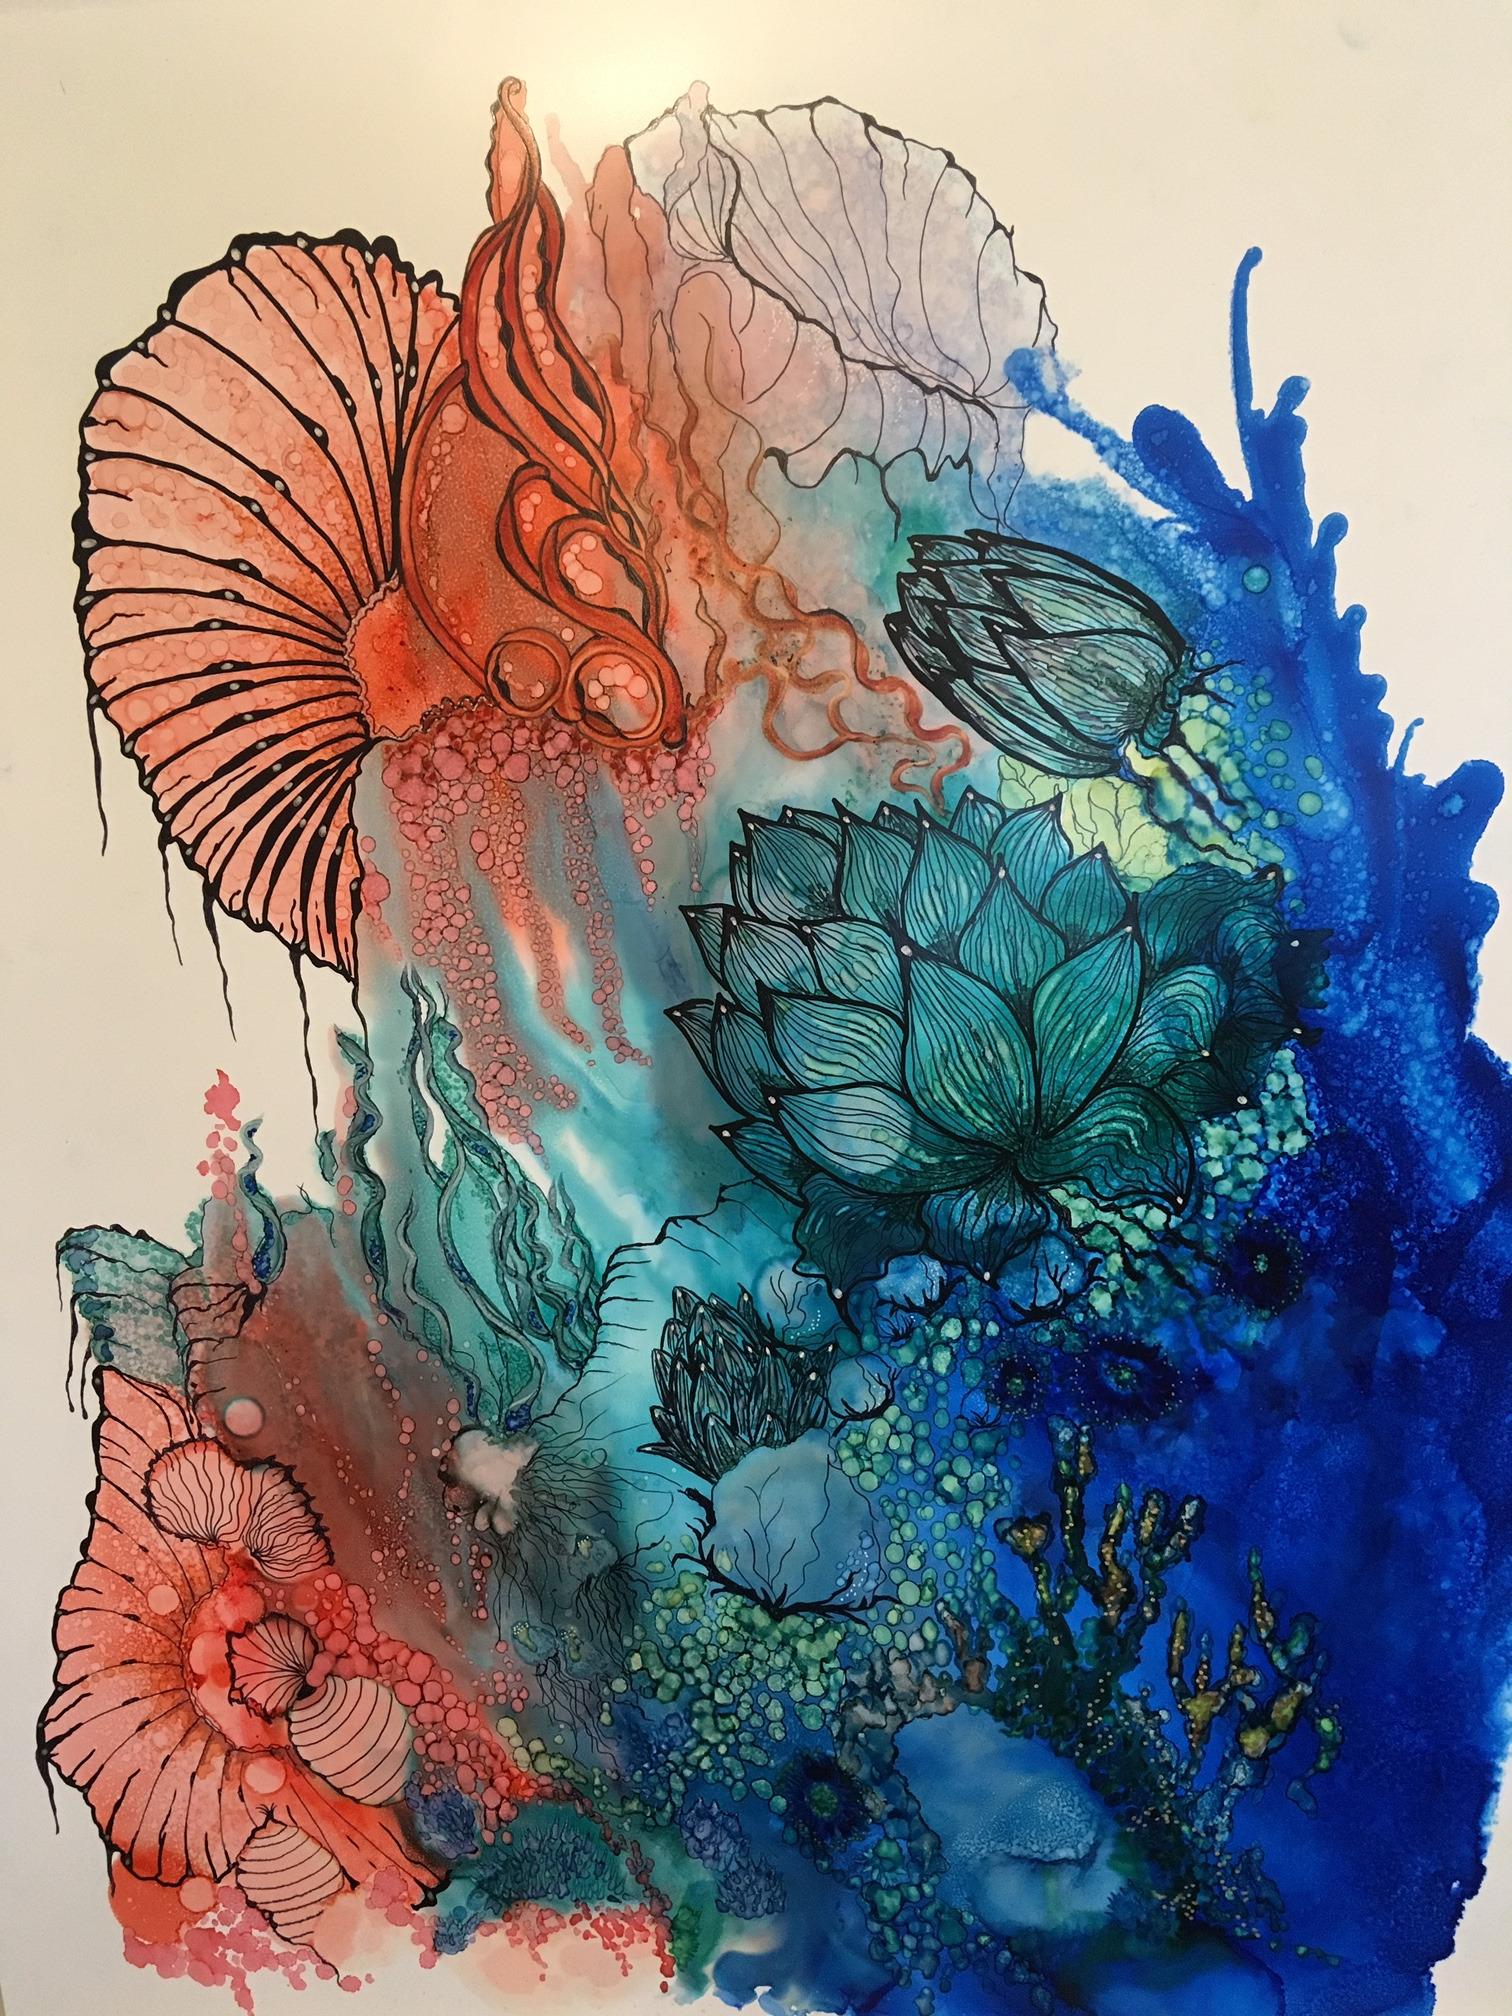 Aquamarine q0dnn5